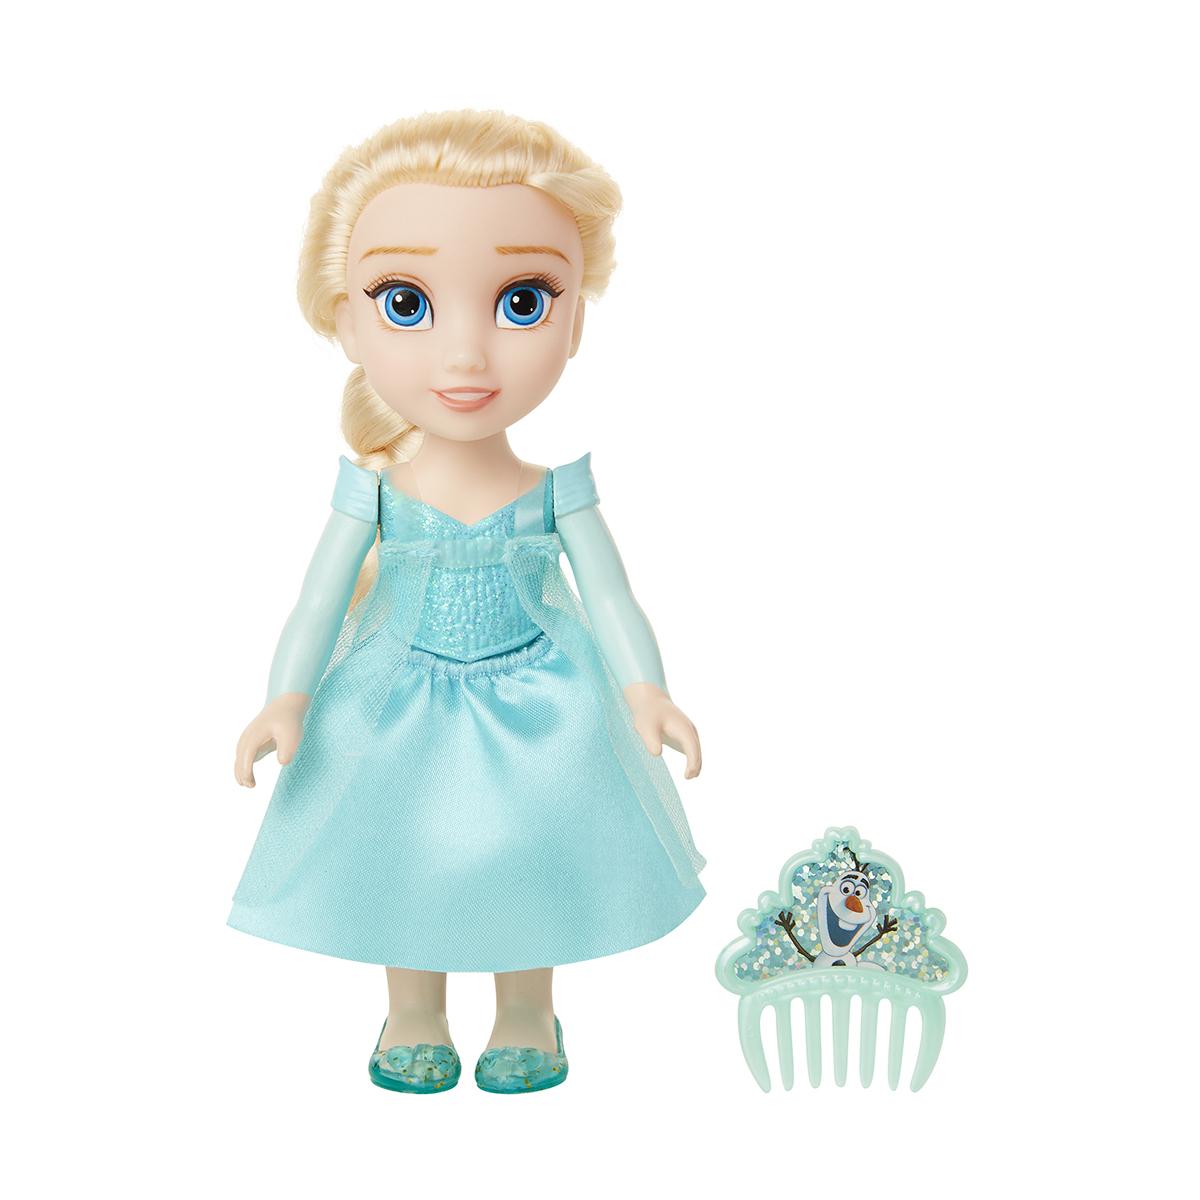 Papusa cu pieptan Disney Frozen 2, Elsa